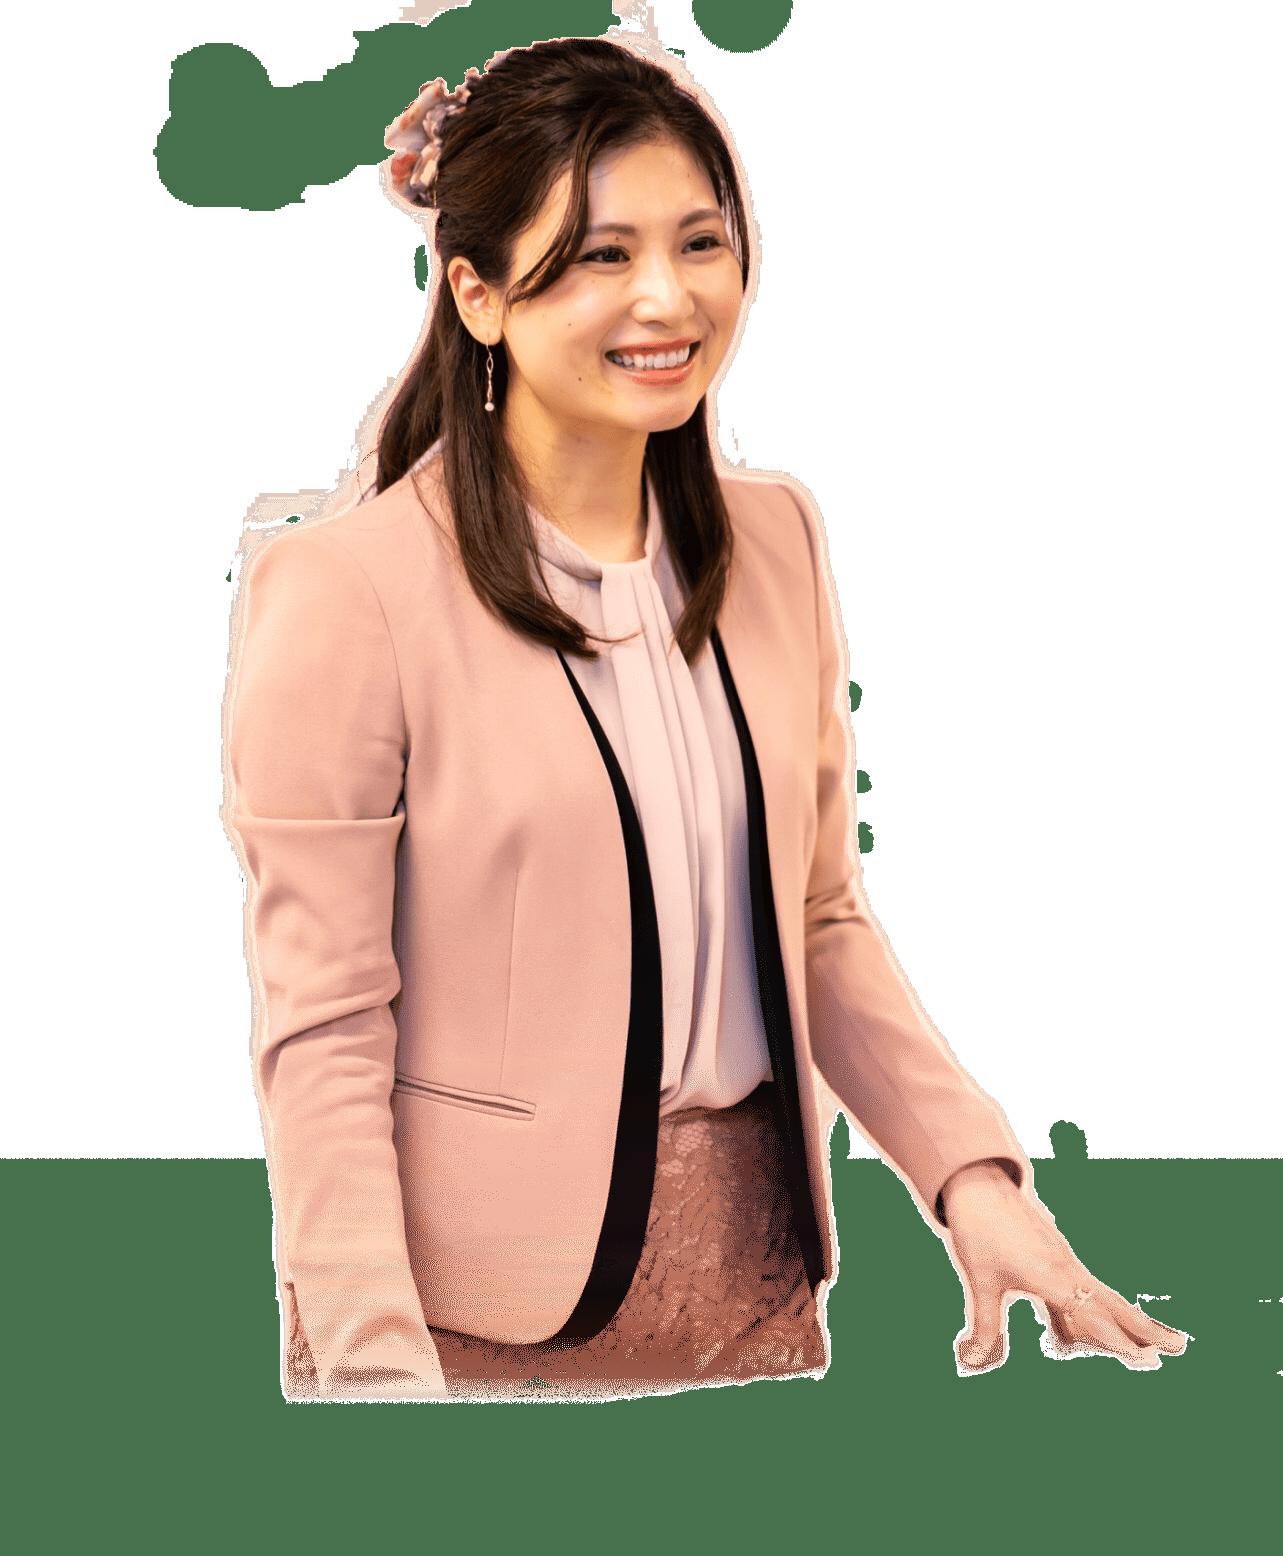 小野木梨衣 - Rie Onogi -